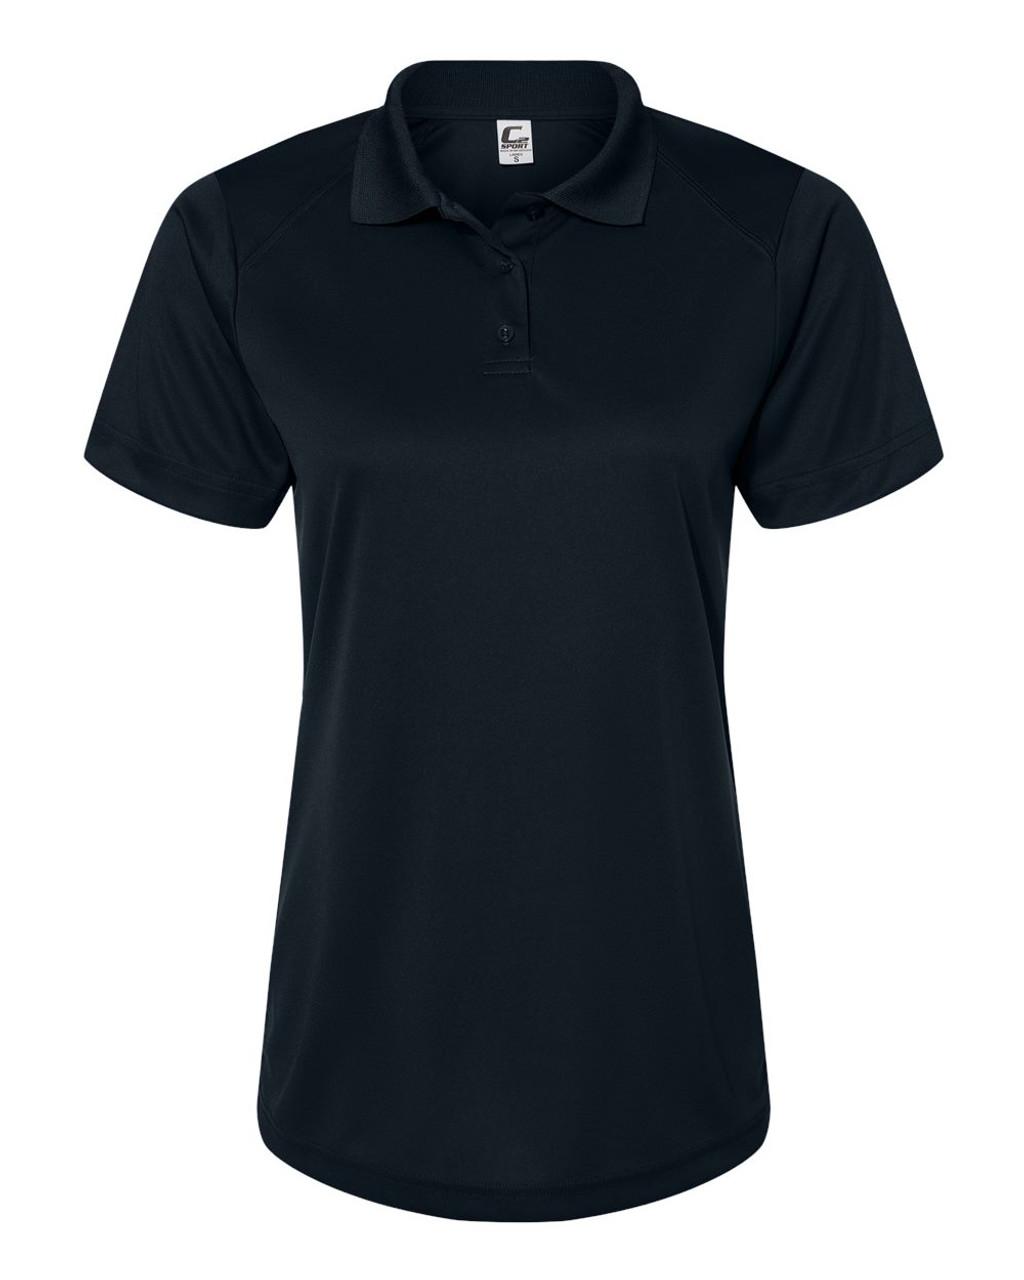 5902 C2 Sport Women's Sport Shirt | T-shirt.ca